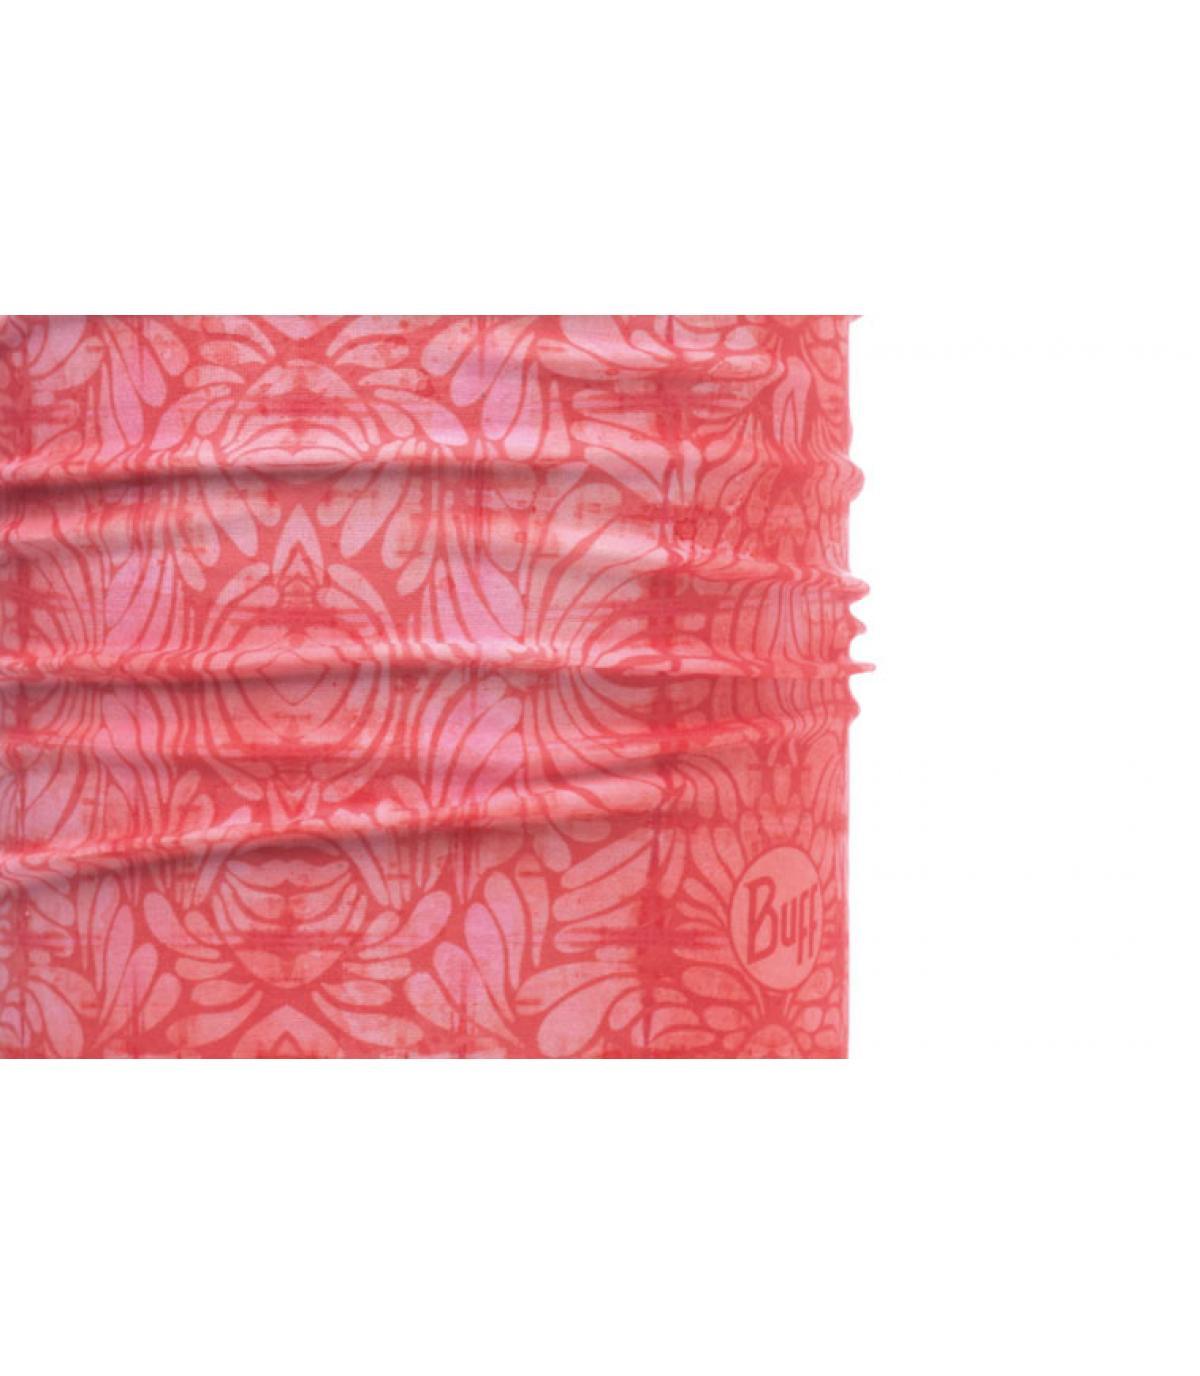 Détails Active calyx salmon rose - image 2